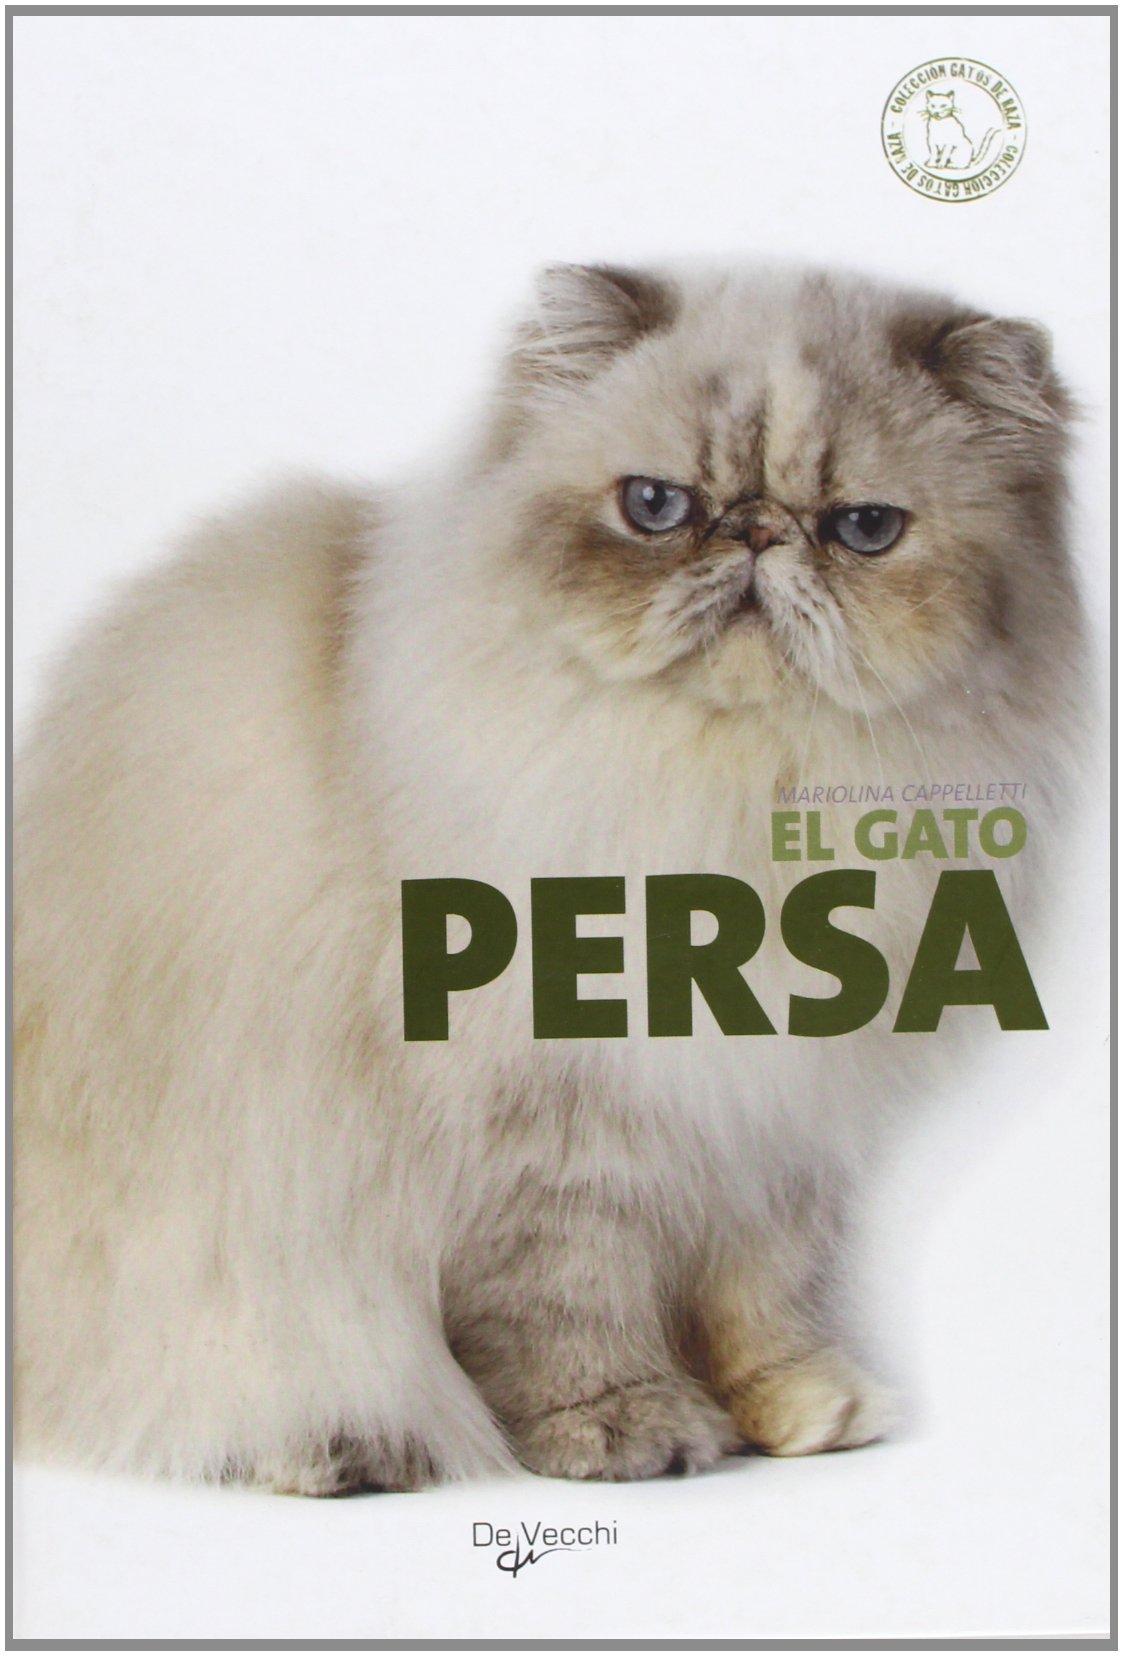 El gato persa (Spanish Edition): Mariolina Cappelletti ...